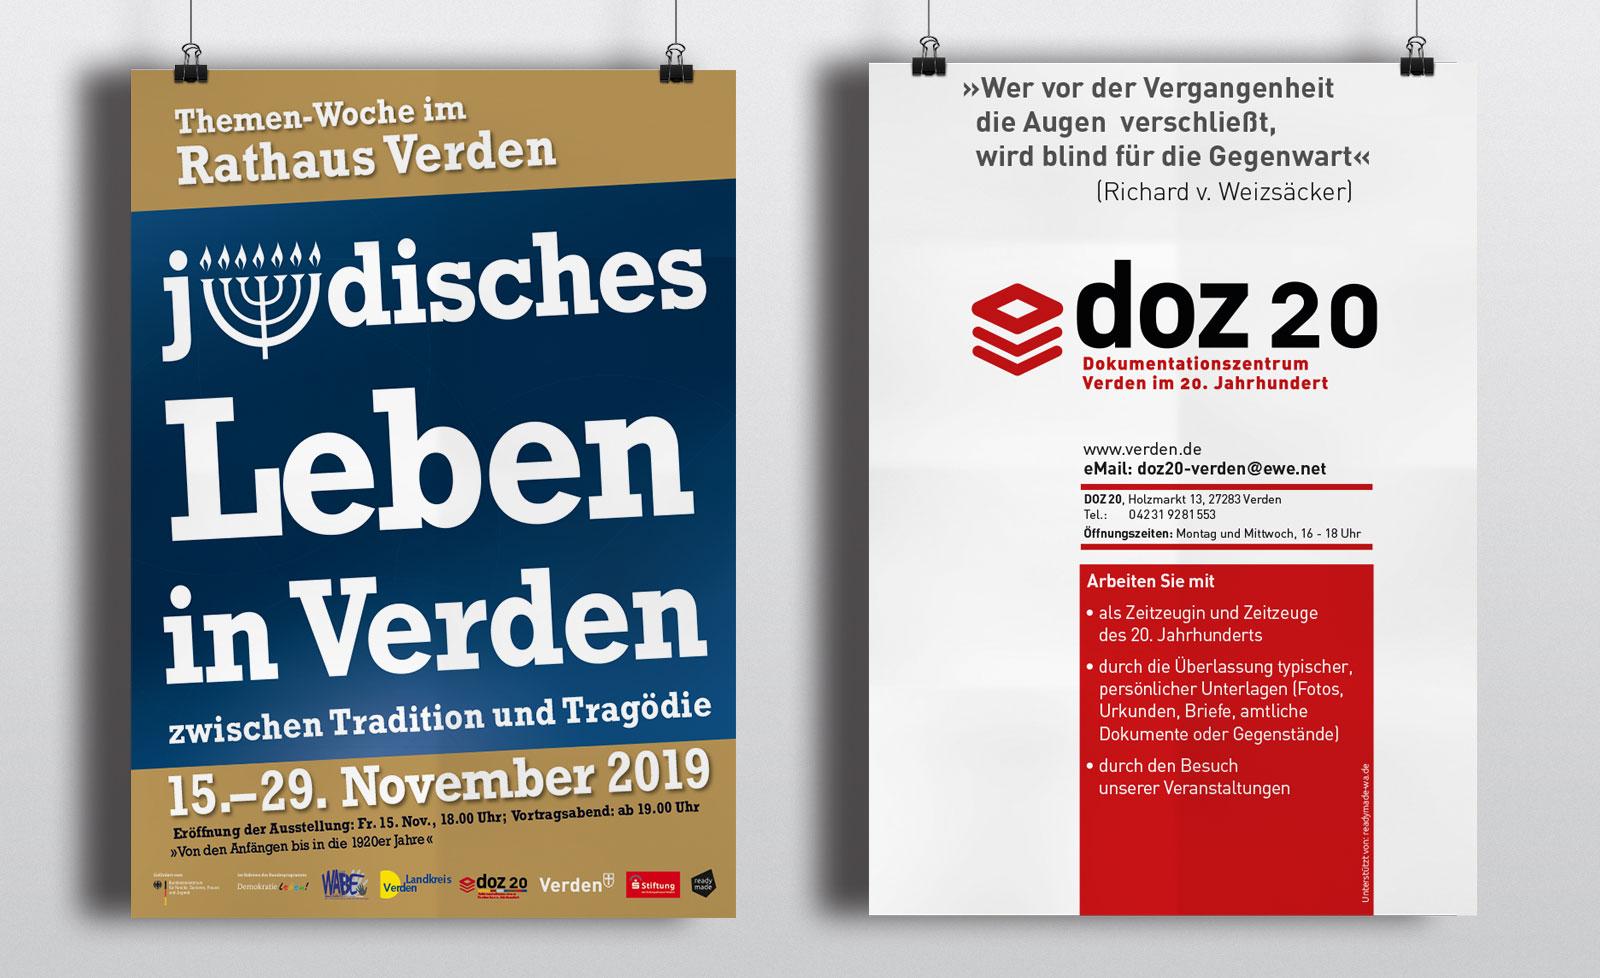 plakate-verden-doz20-veranstaltung